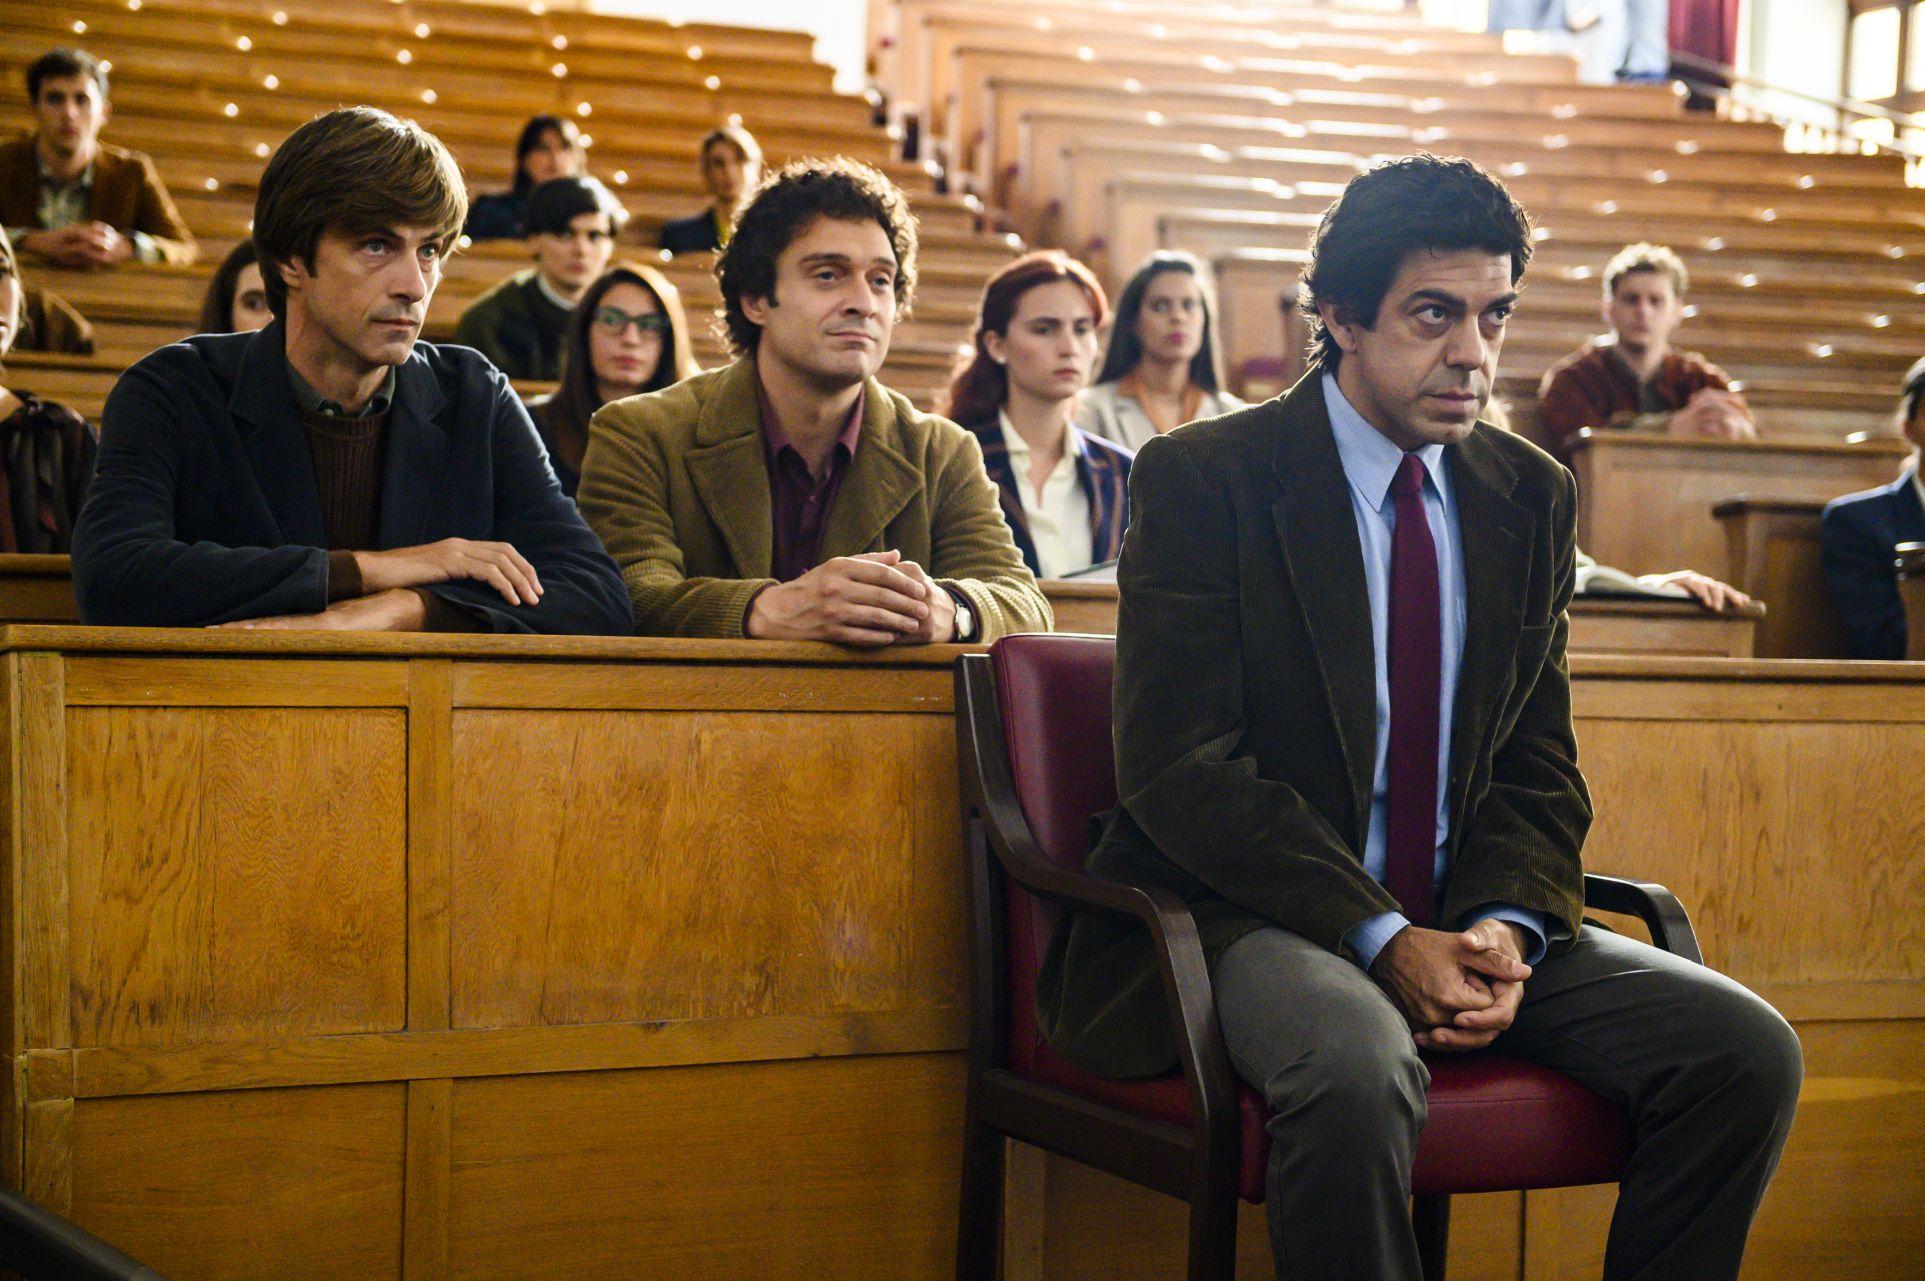 Gli anni più belli: Claudio Santamaria, Pierfrancesco Favino, Kim Rossi Stuart in una scena del film